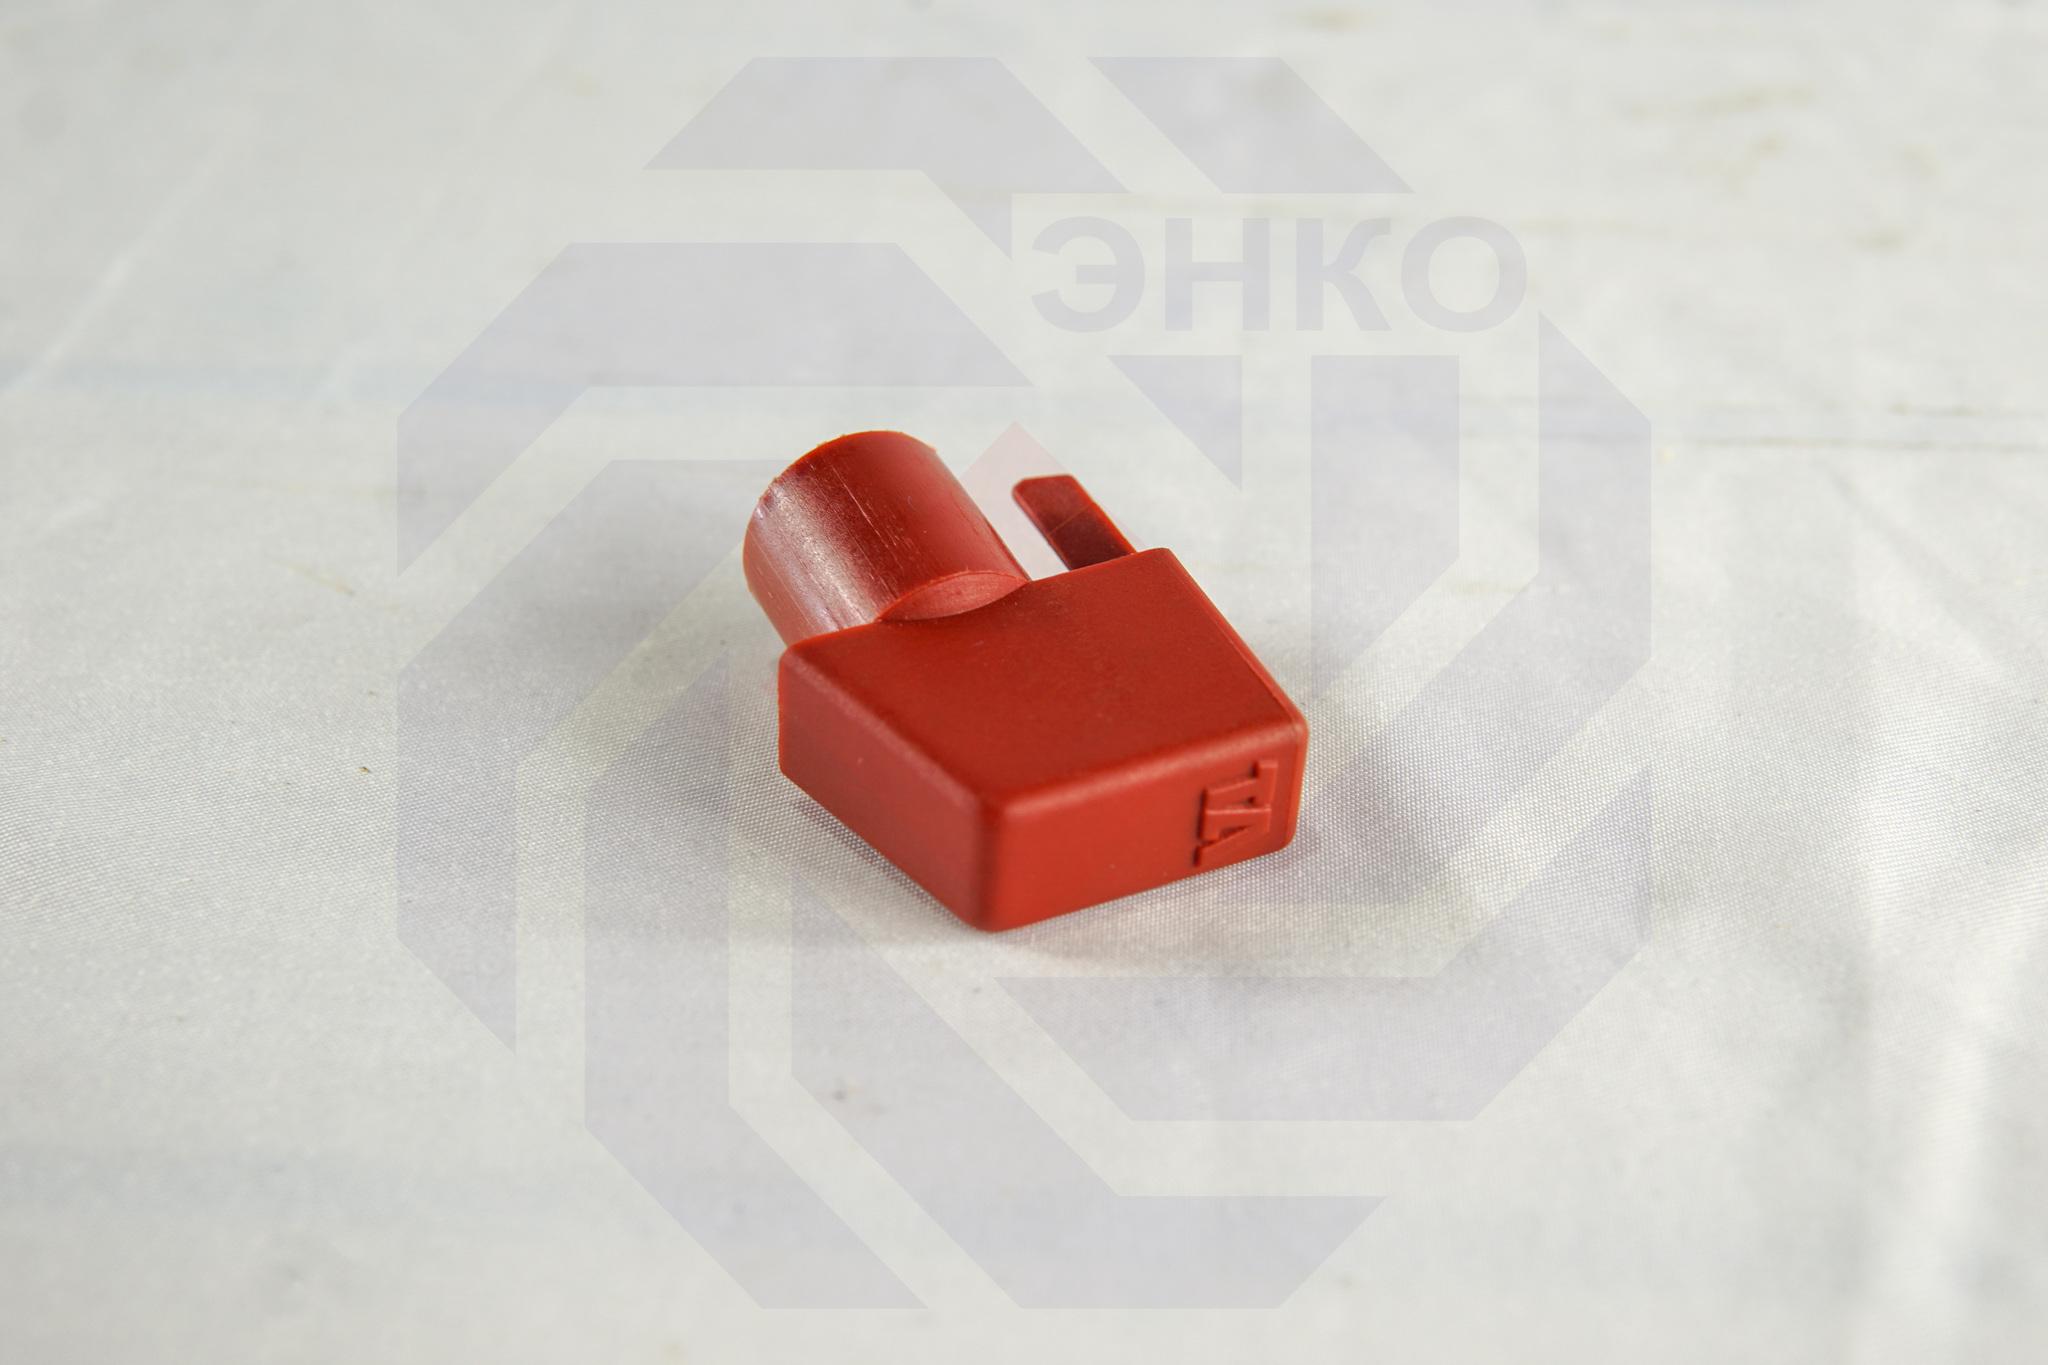 Ключ для настройки IMI STK